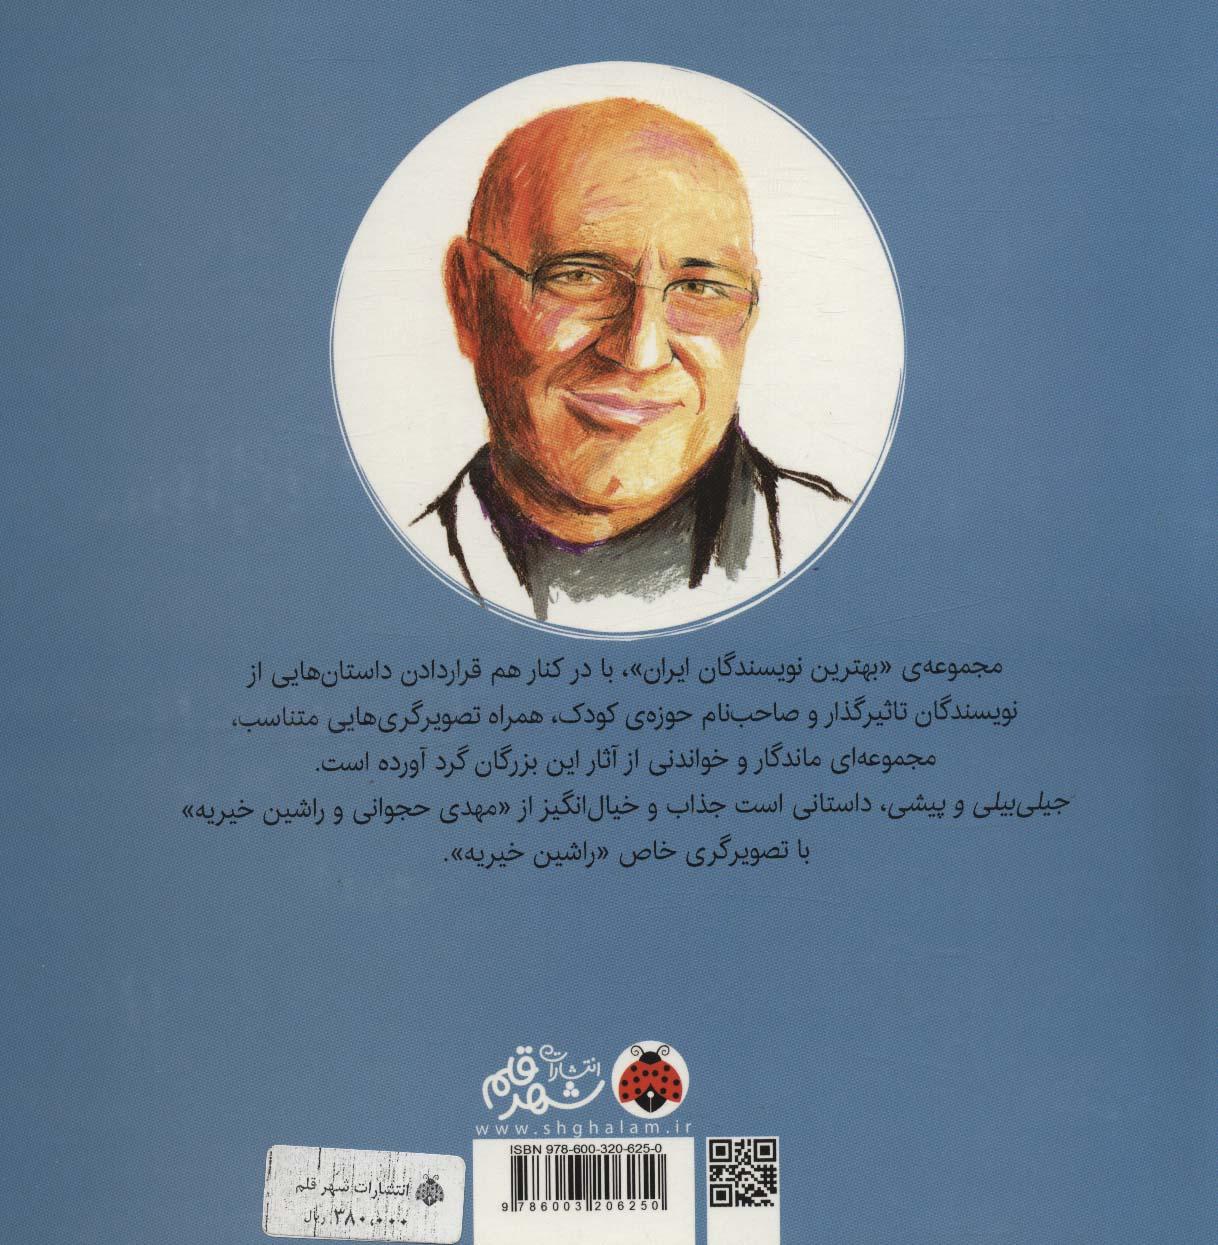 جیلی بیلی و پیشی (بهترین نویسندگان ایران)،(گلاسه)